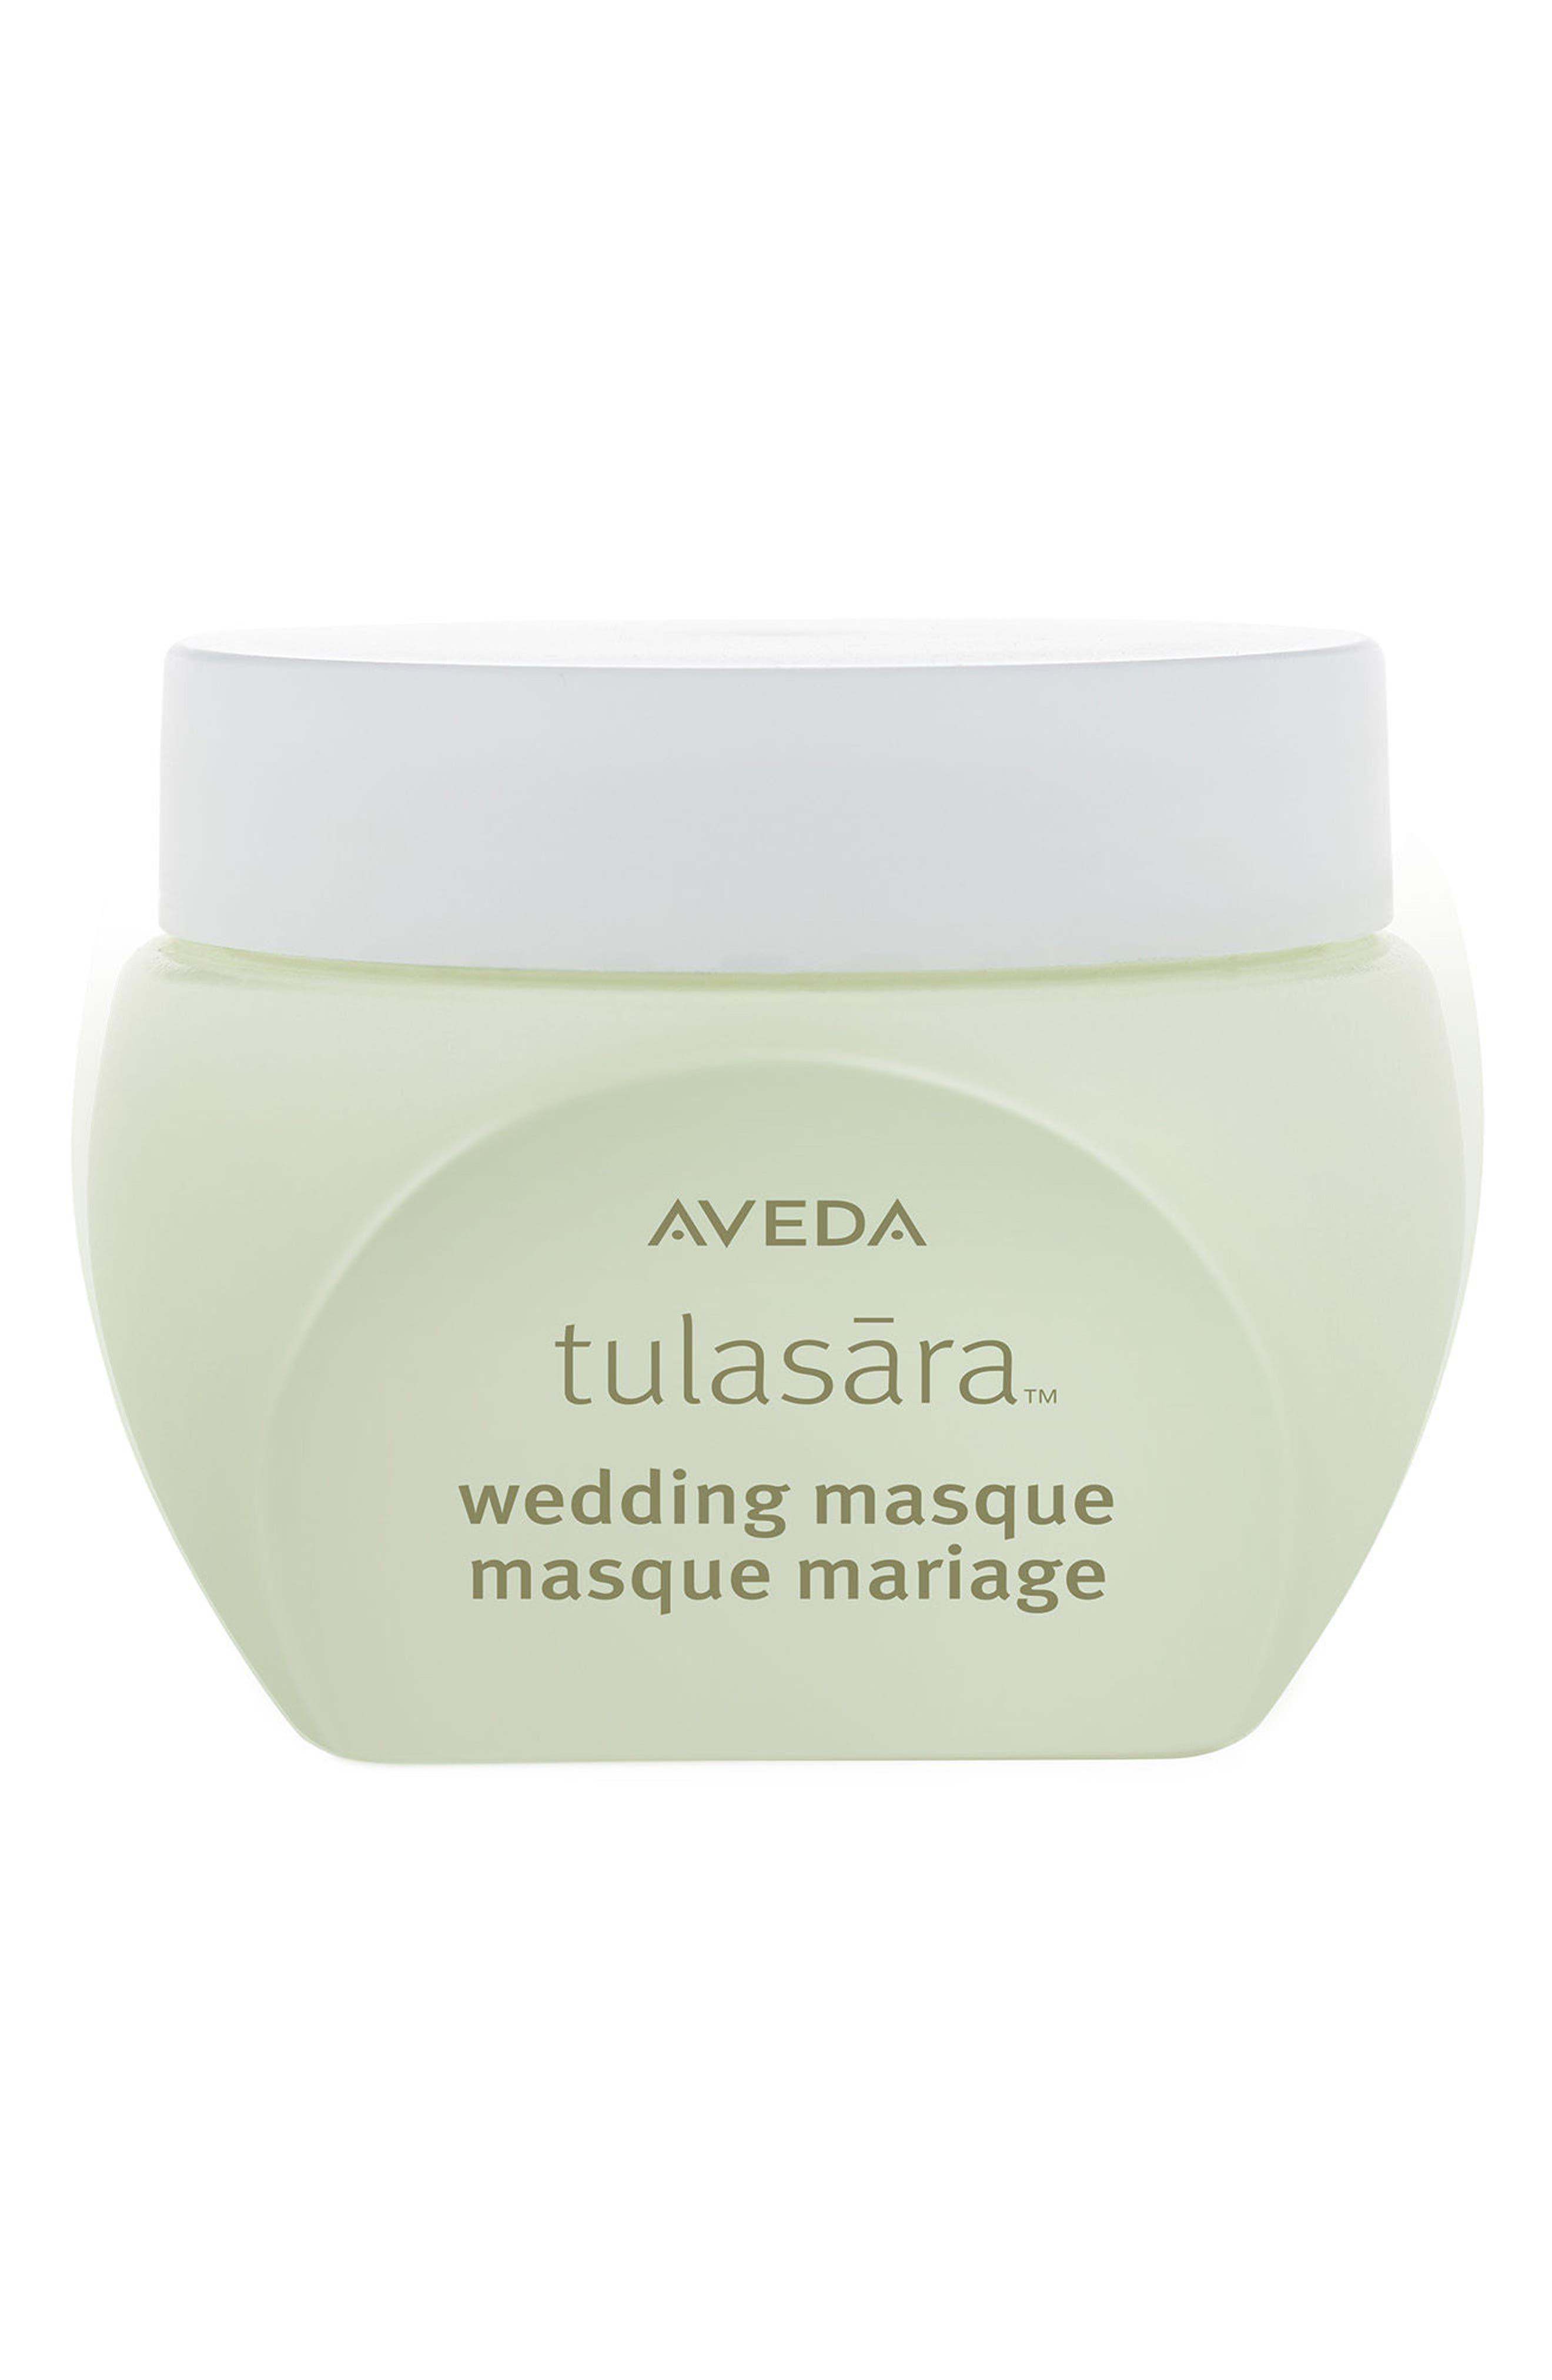 Aveda tulasara™ Wedding Masque Overnight